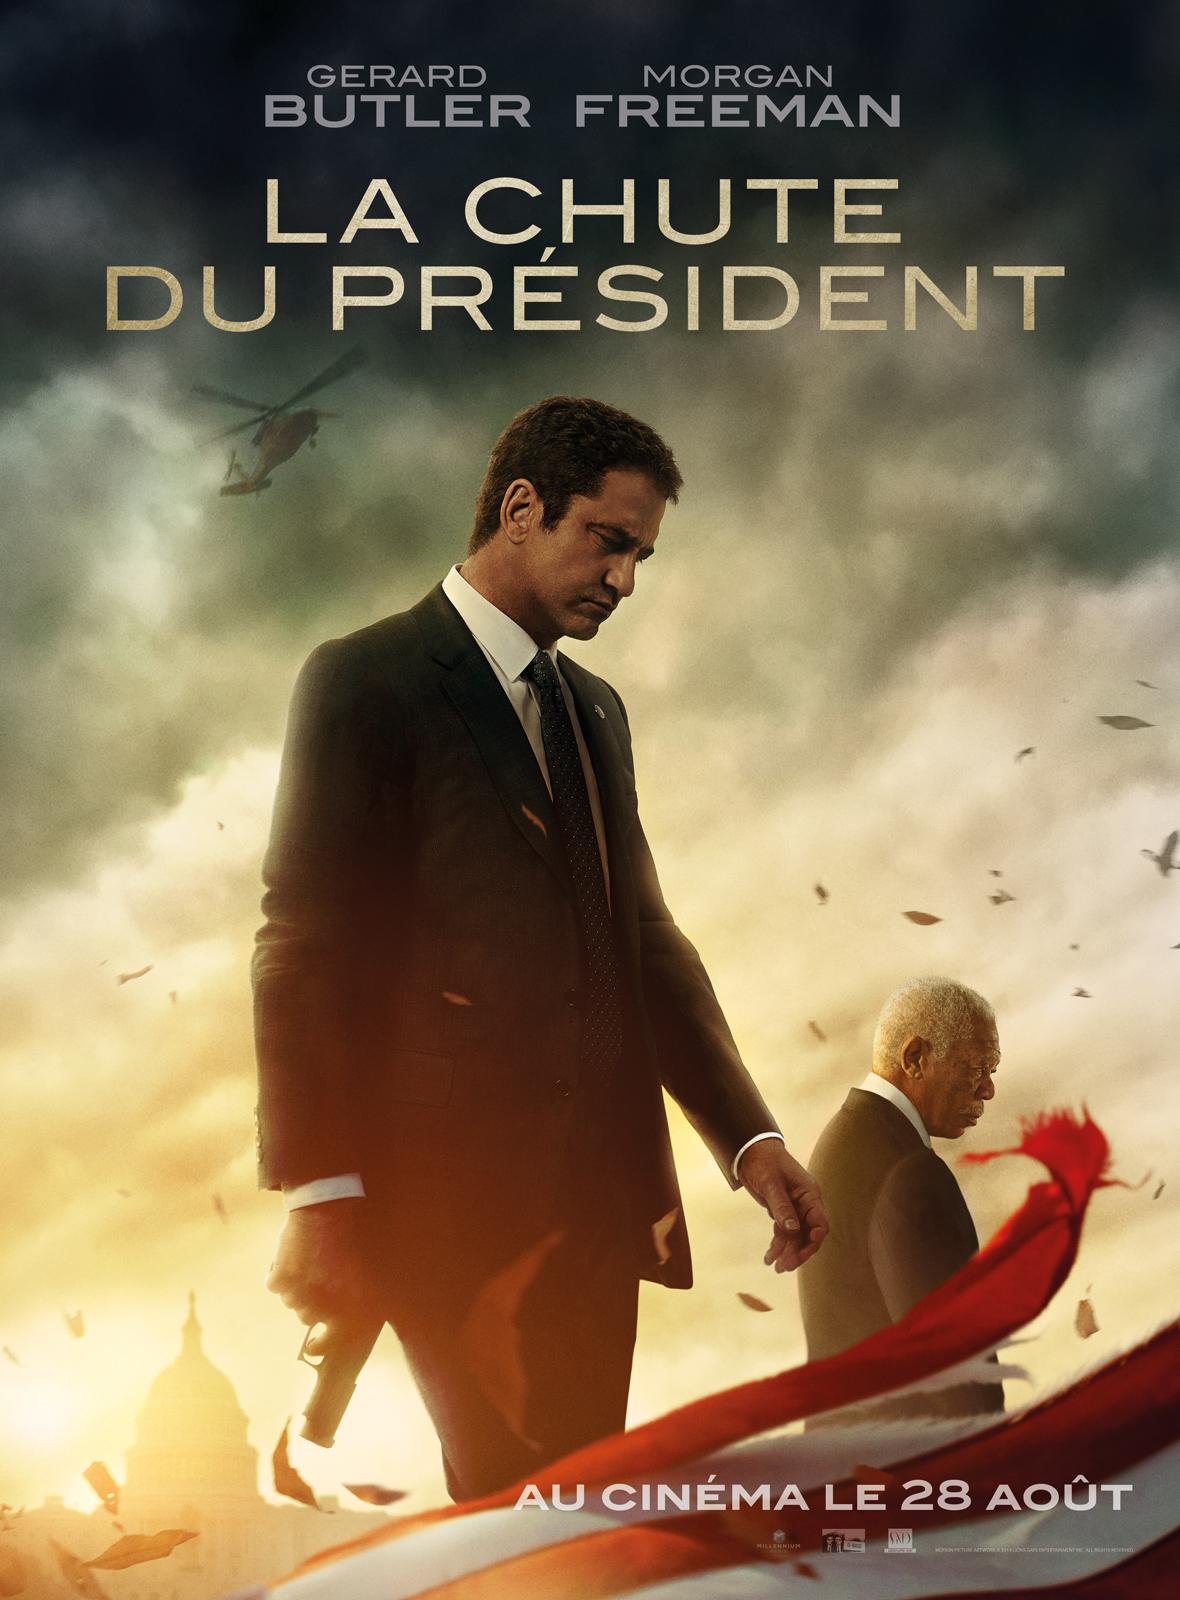 AfficheLa Chute du président